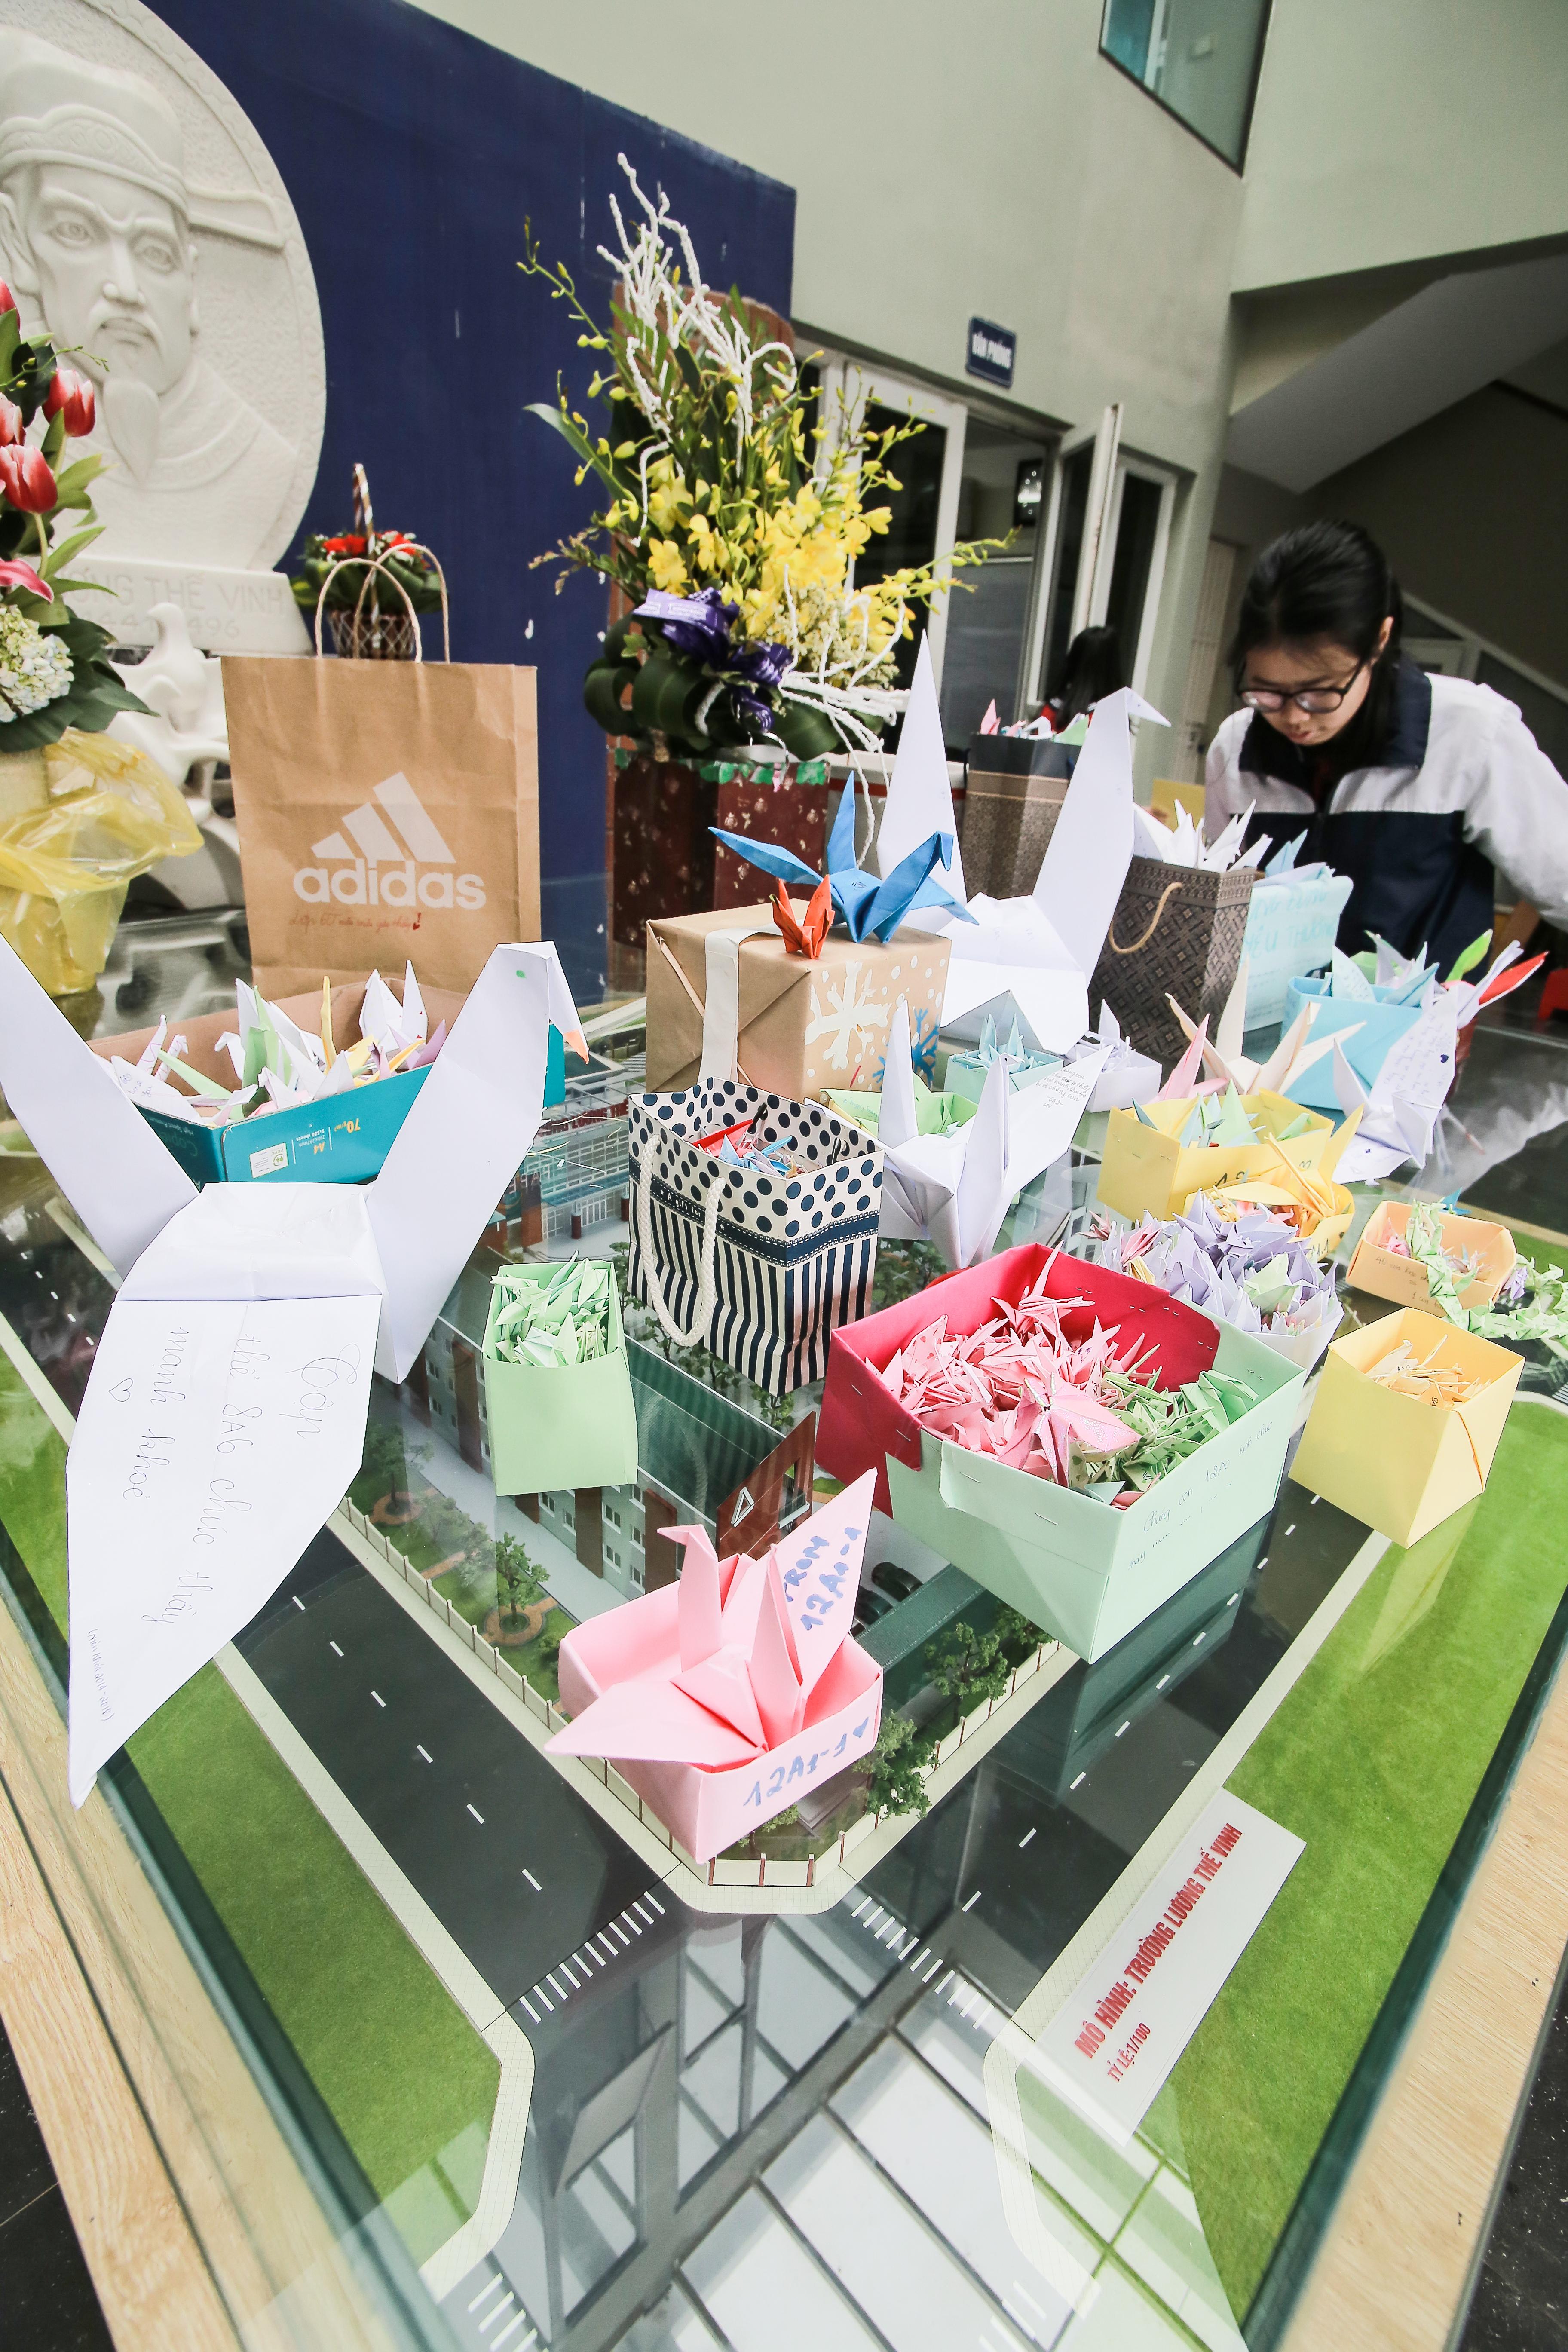 Học sinh Lương Thế Vinh gửi điều ước vào 19.000 hạc giấy, mong thầy Văn Như Cương sớm phục hồi - Ảnh 9.